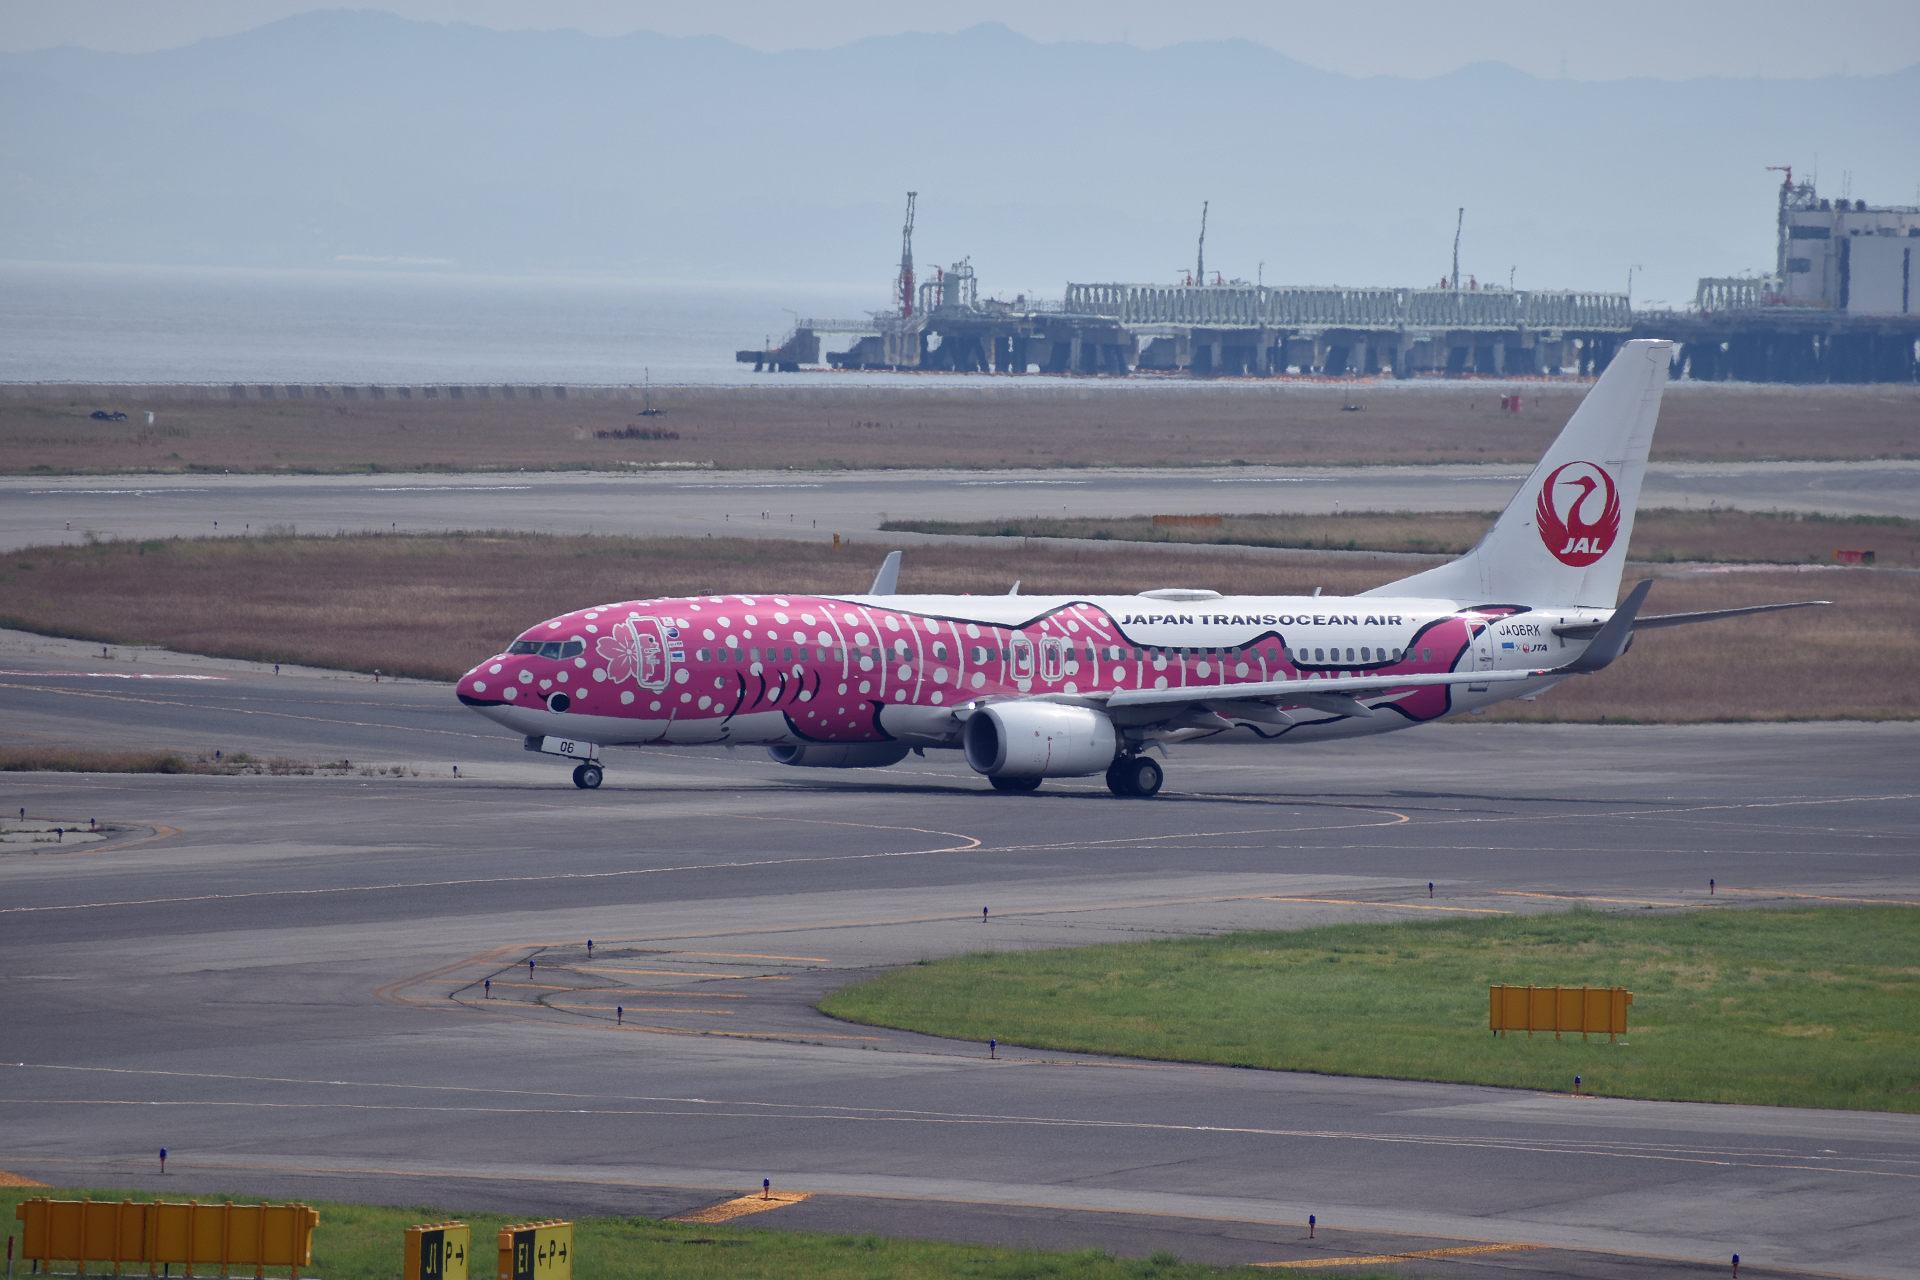 日本トランスオーシャン航空 JA06RK